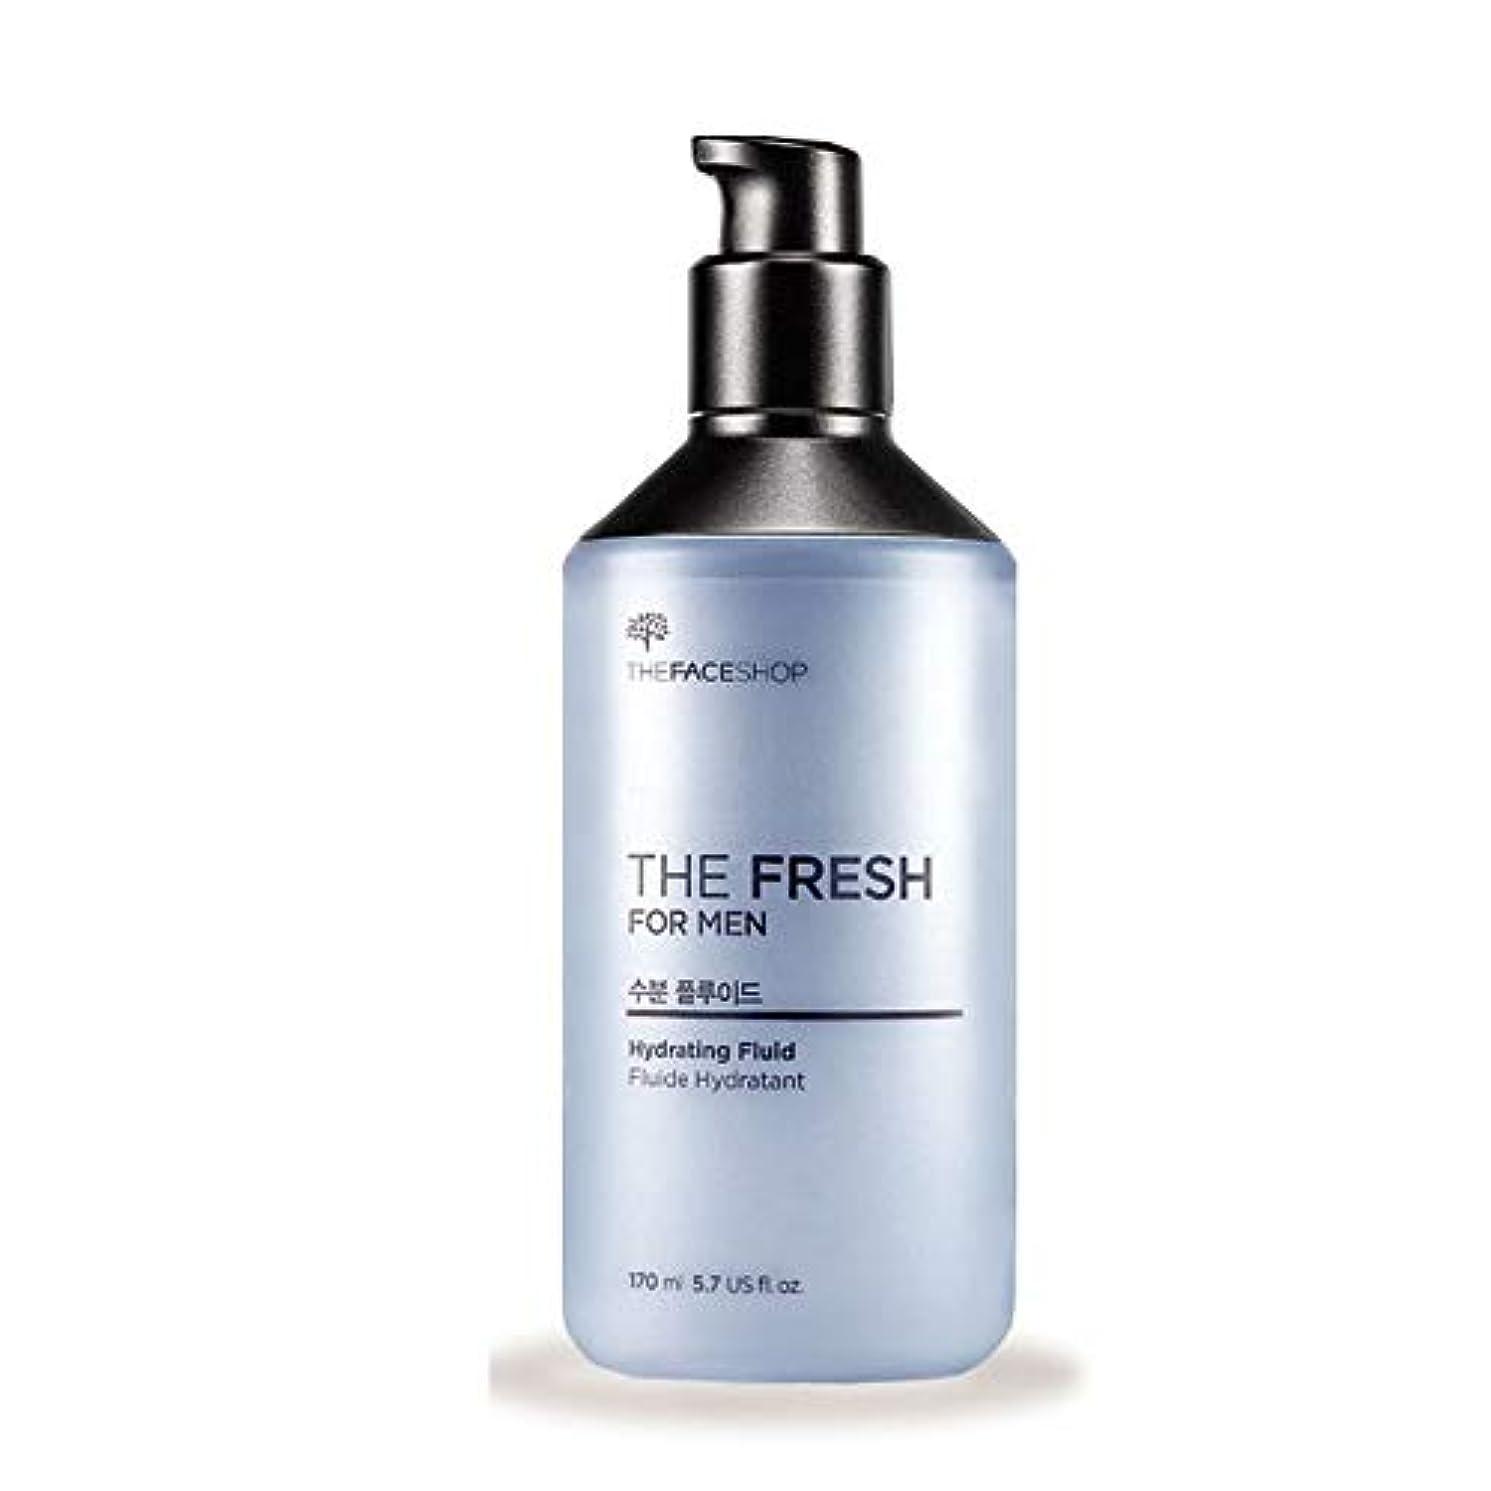 司教傾くから聞くザ・フェイスショップザ・フレッシュフォーマン水分・プルルイドゥ170mlのメンズコスメ、The Face Shop The Fresh For Men Hydrating Fluid 170ml Men's Cosmetics [並行輸入品]